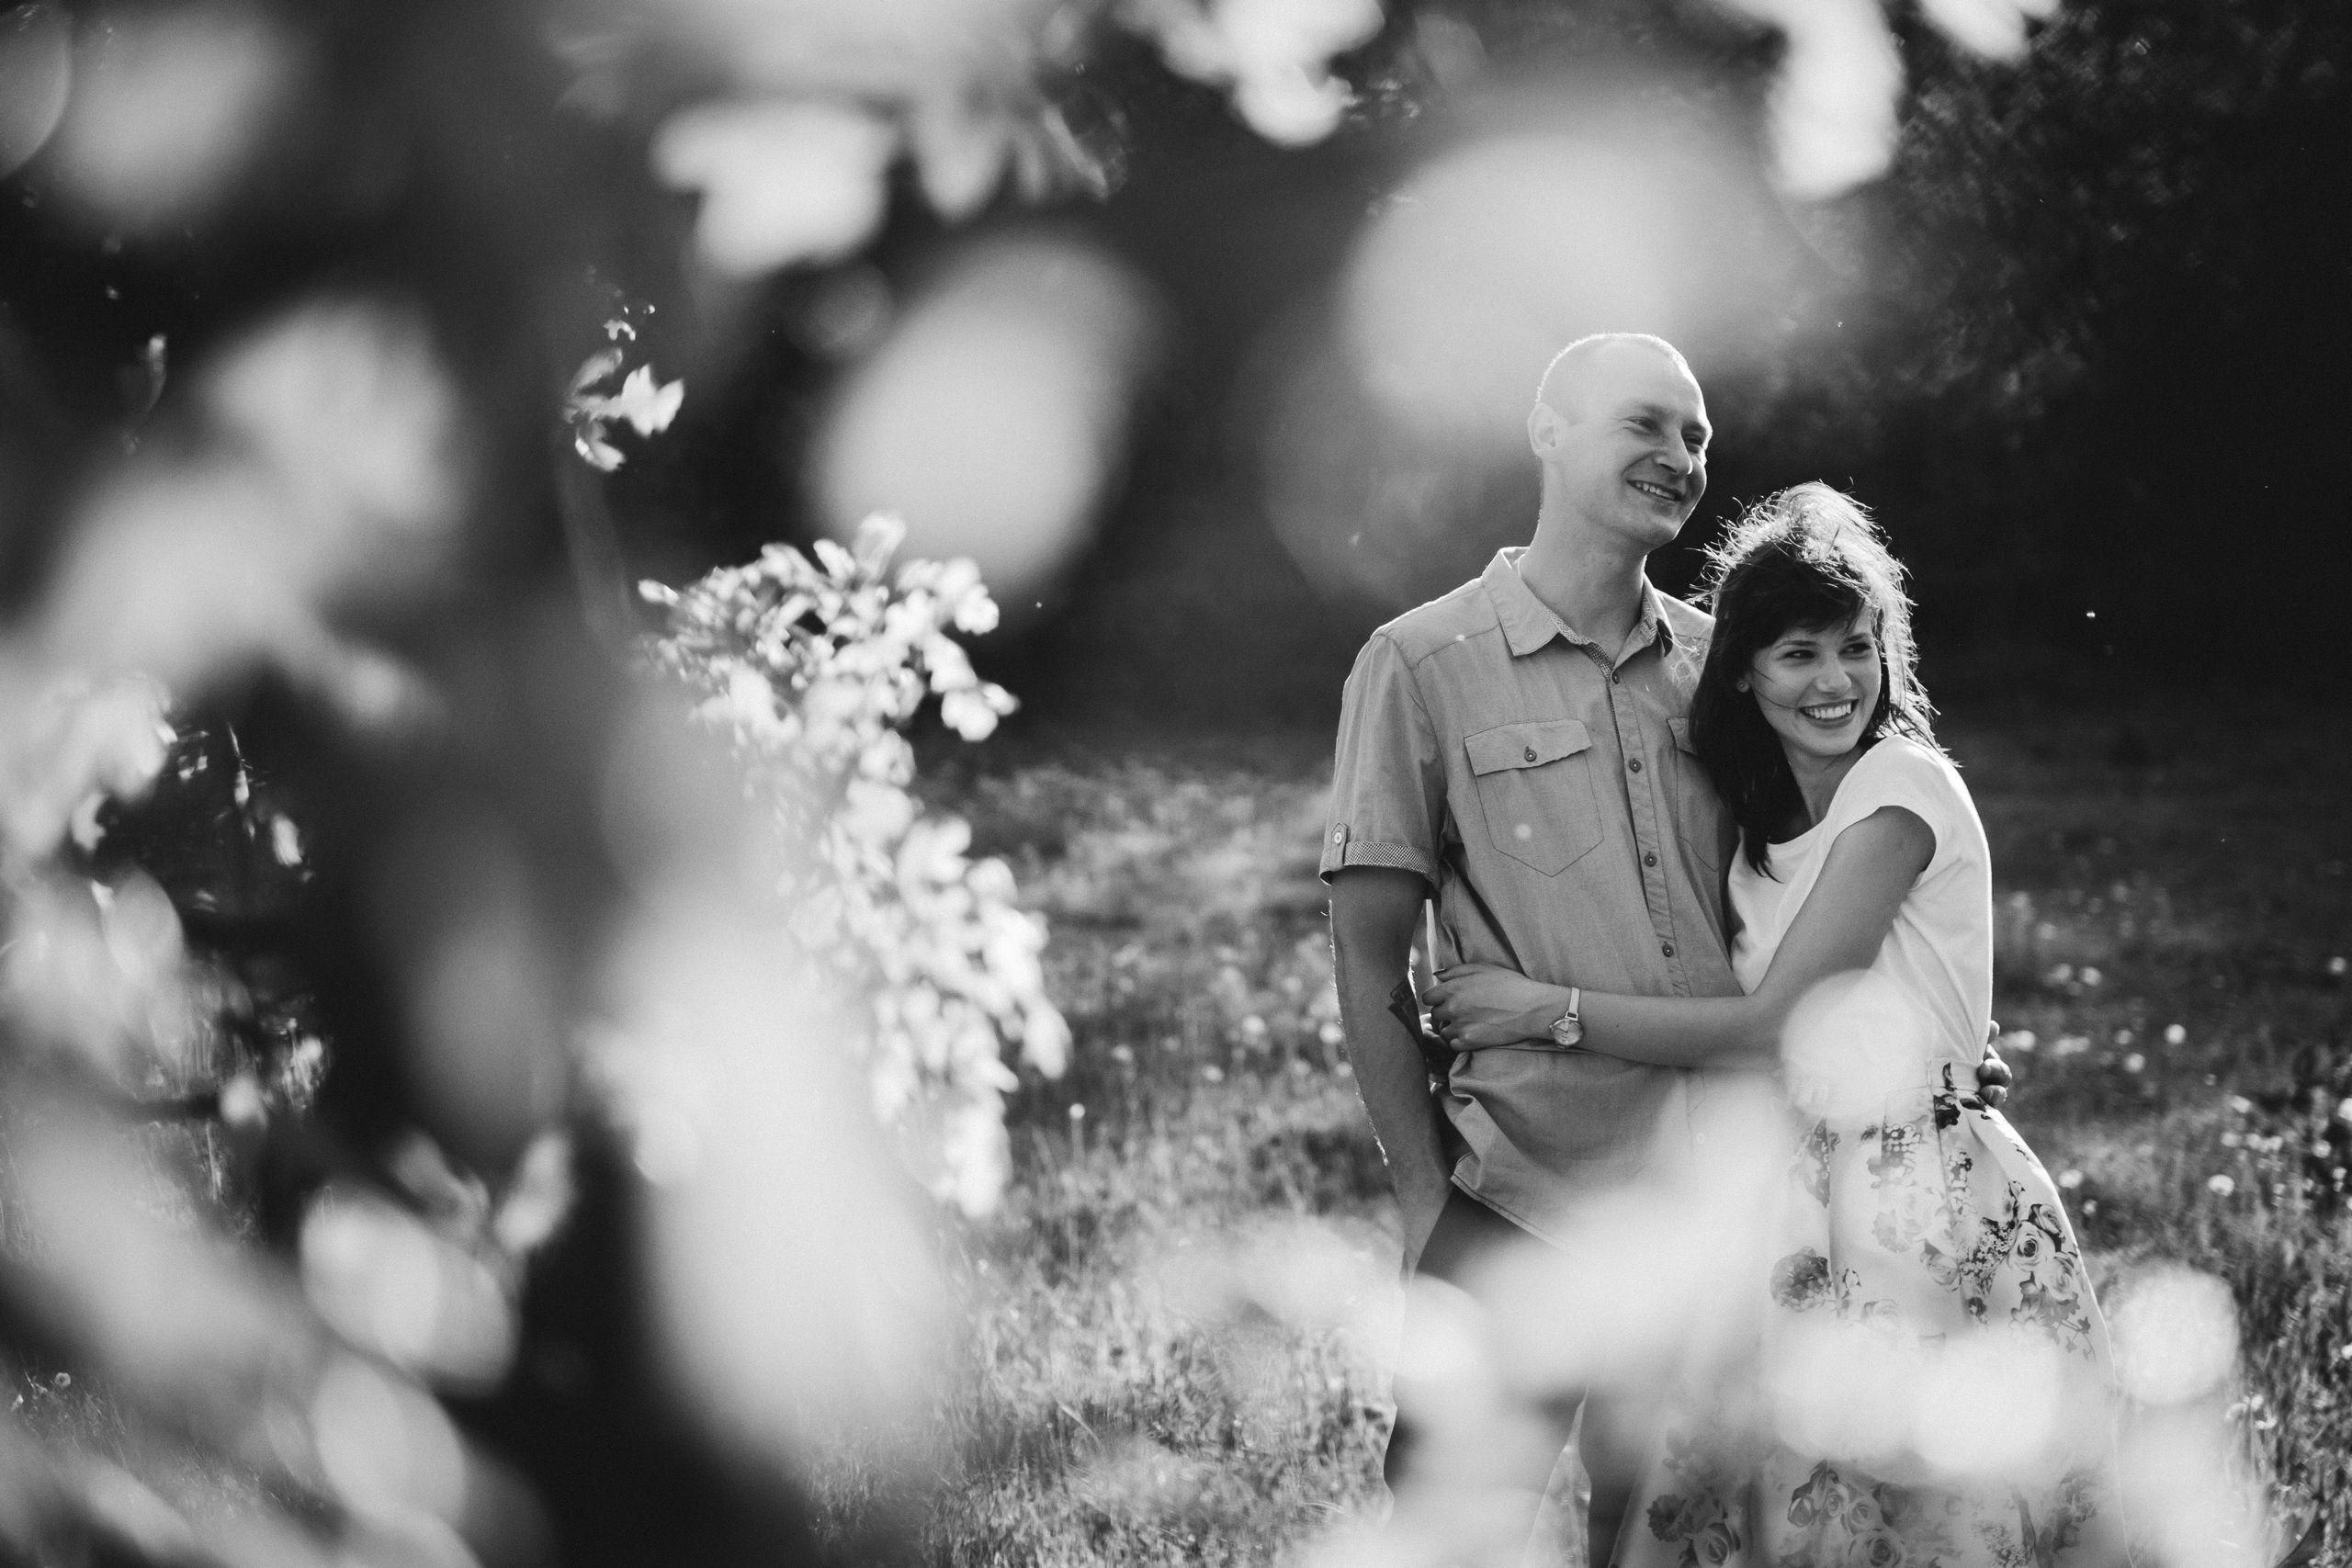 para narzeczonych zza liści drzew, zdjęcie czarno-białe